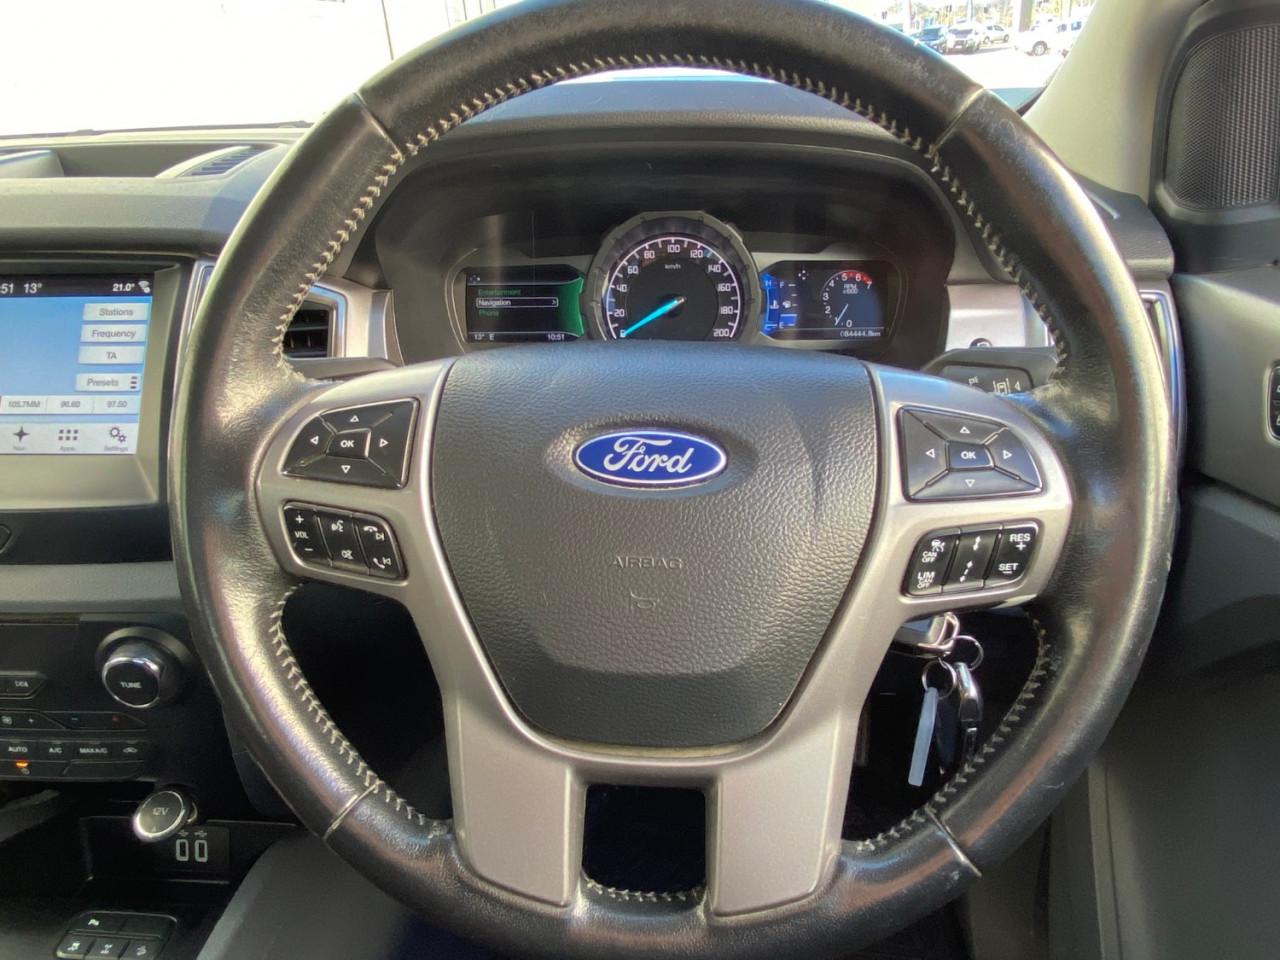 2016 Ford Ranger PX MKII XLT Ute